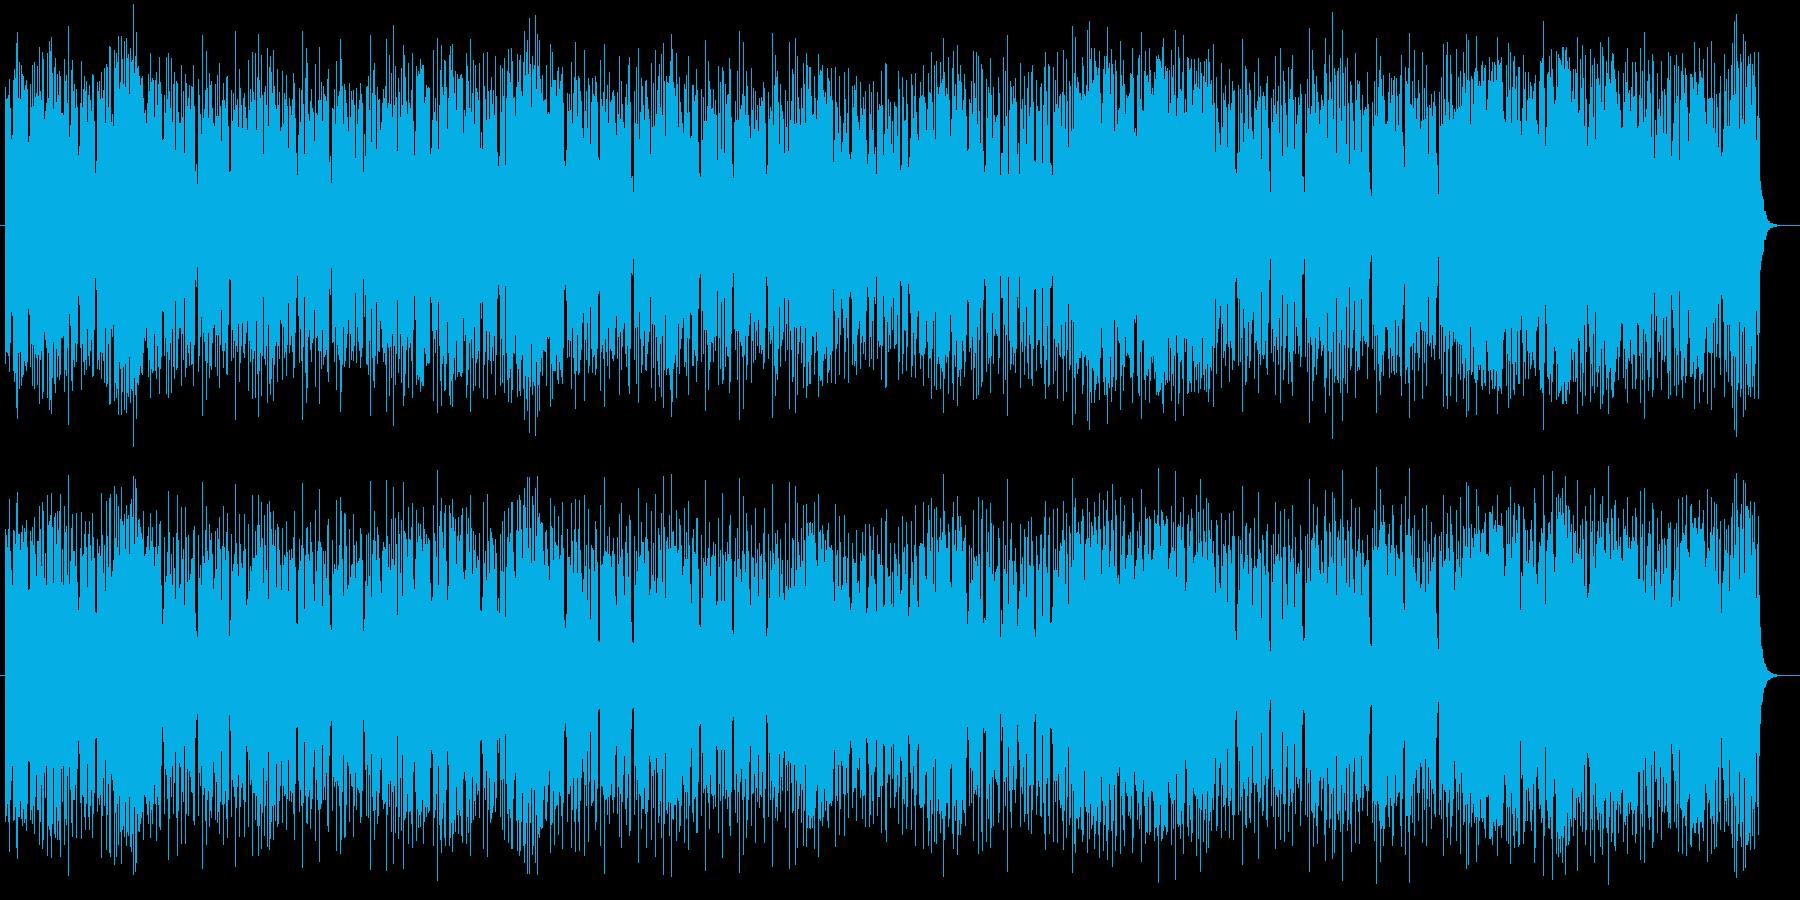 速いテンポの爽快感溢れるポップスの再生済みの波形